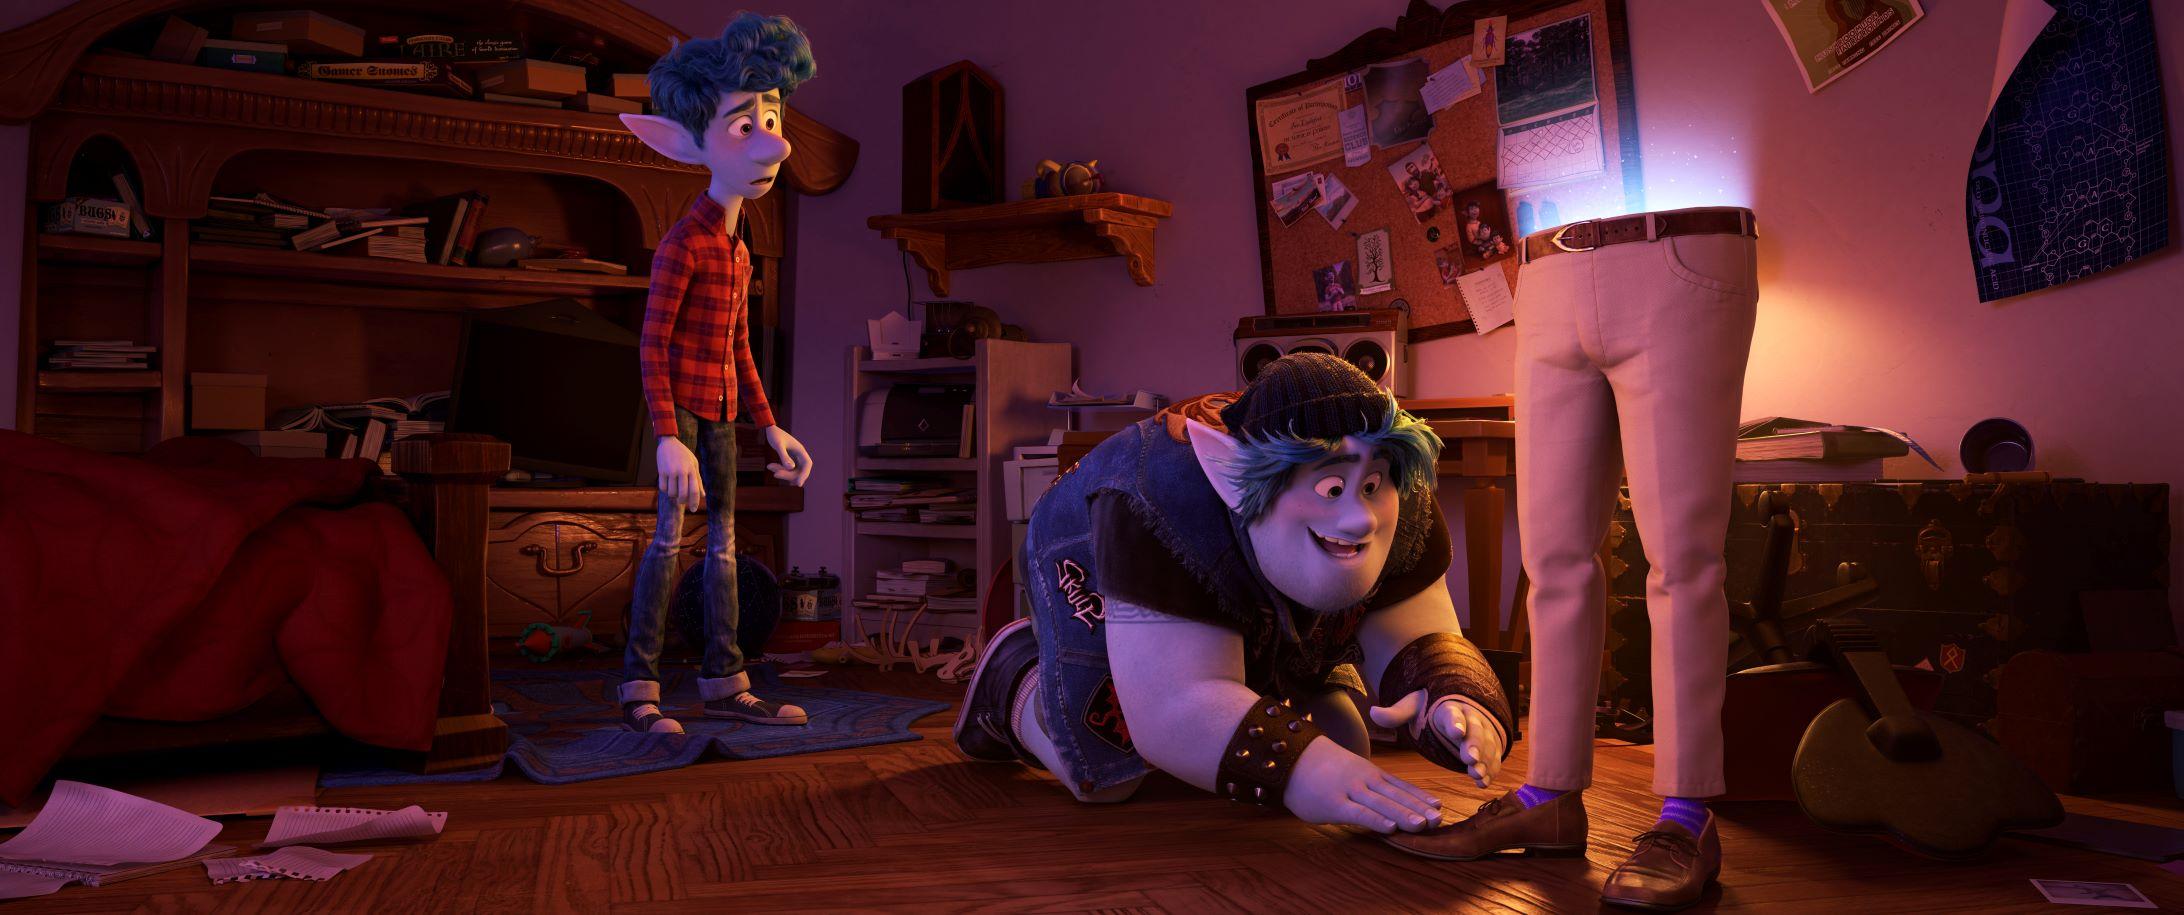 伊恩和巴利是對性格大不同的兄弟,卻對想見父親一面有著相同的渴望。(迪士尼提供)